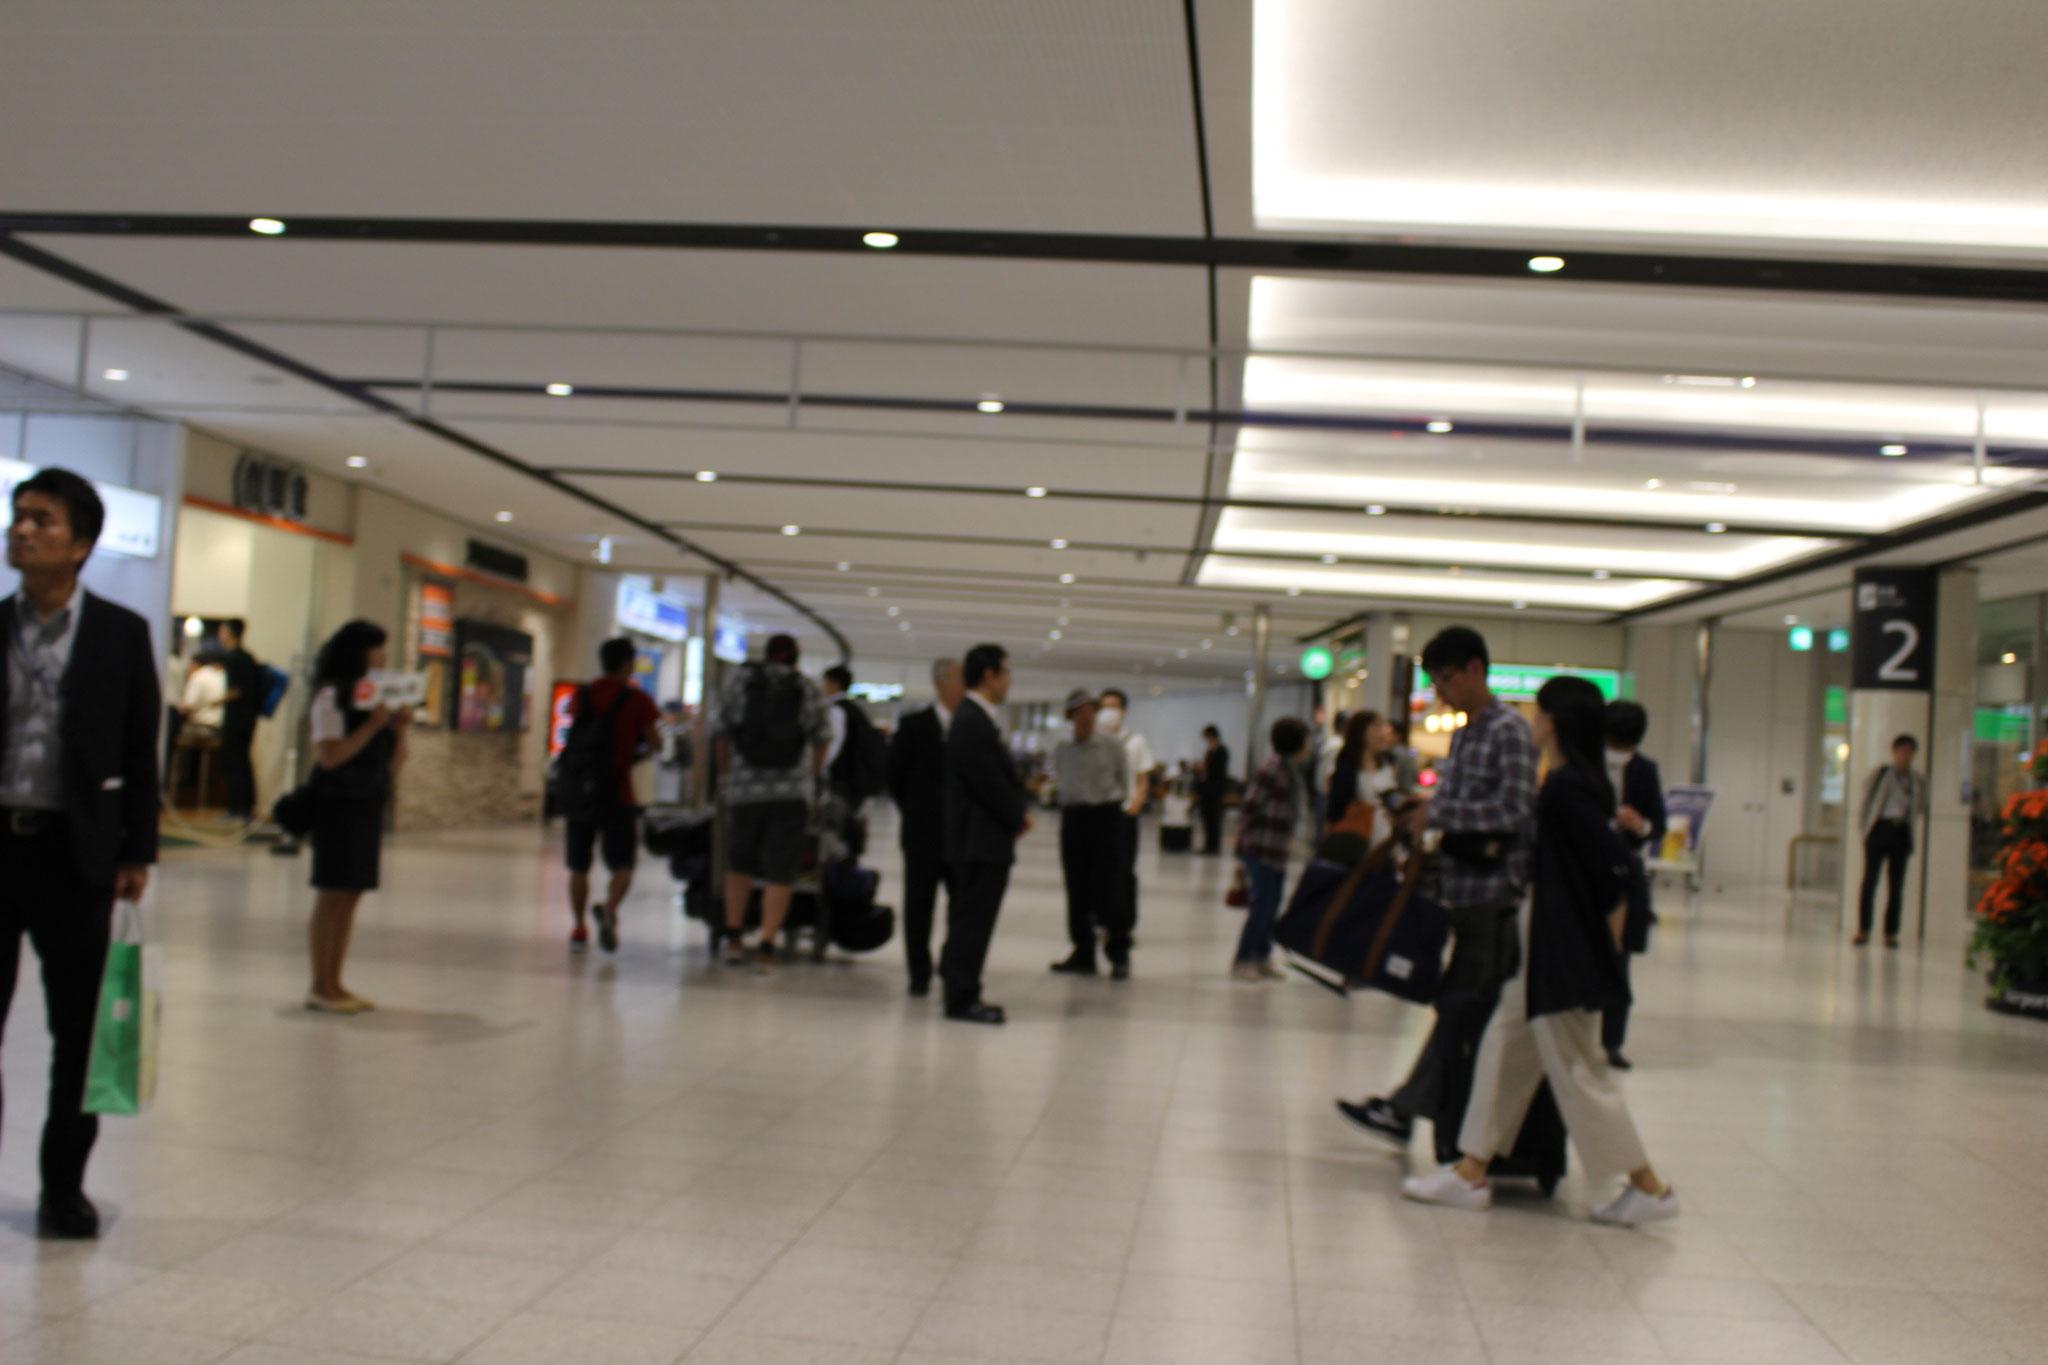 千歳空港からJR電車で札幌駅まで、駅前様子